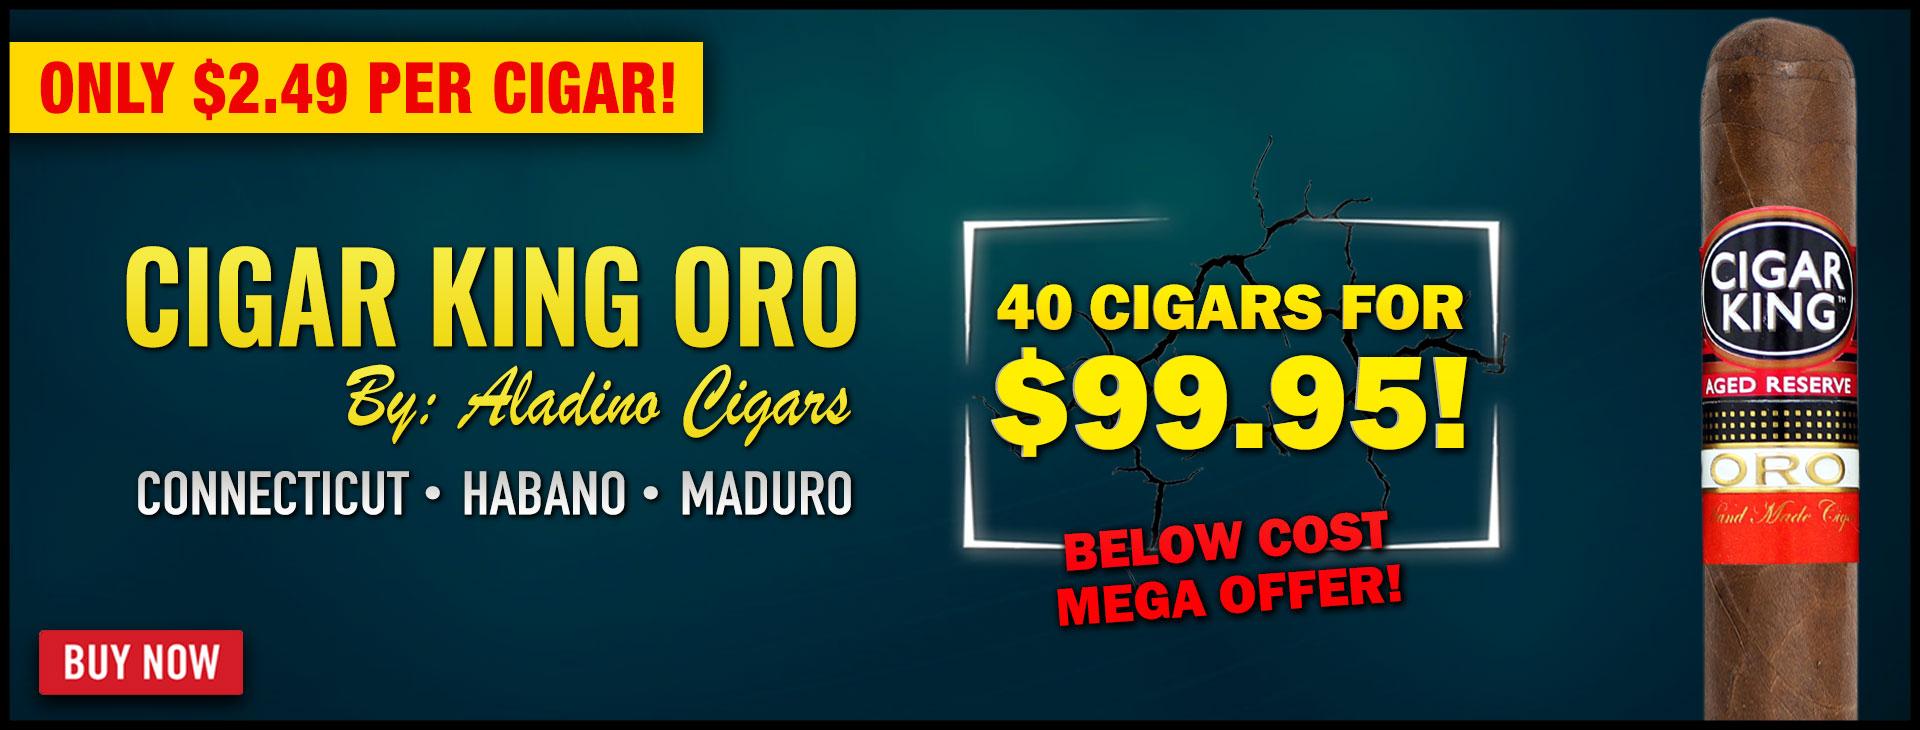 cigar-king-oro-2021-banner.jpg